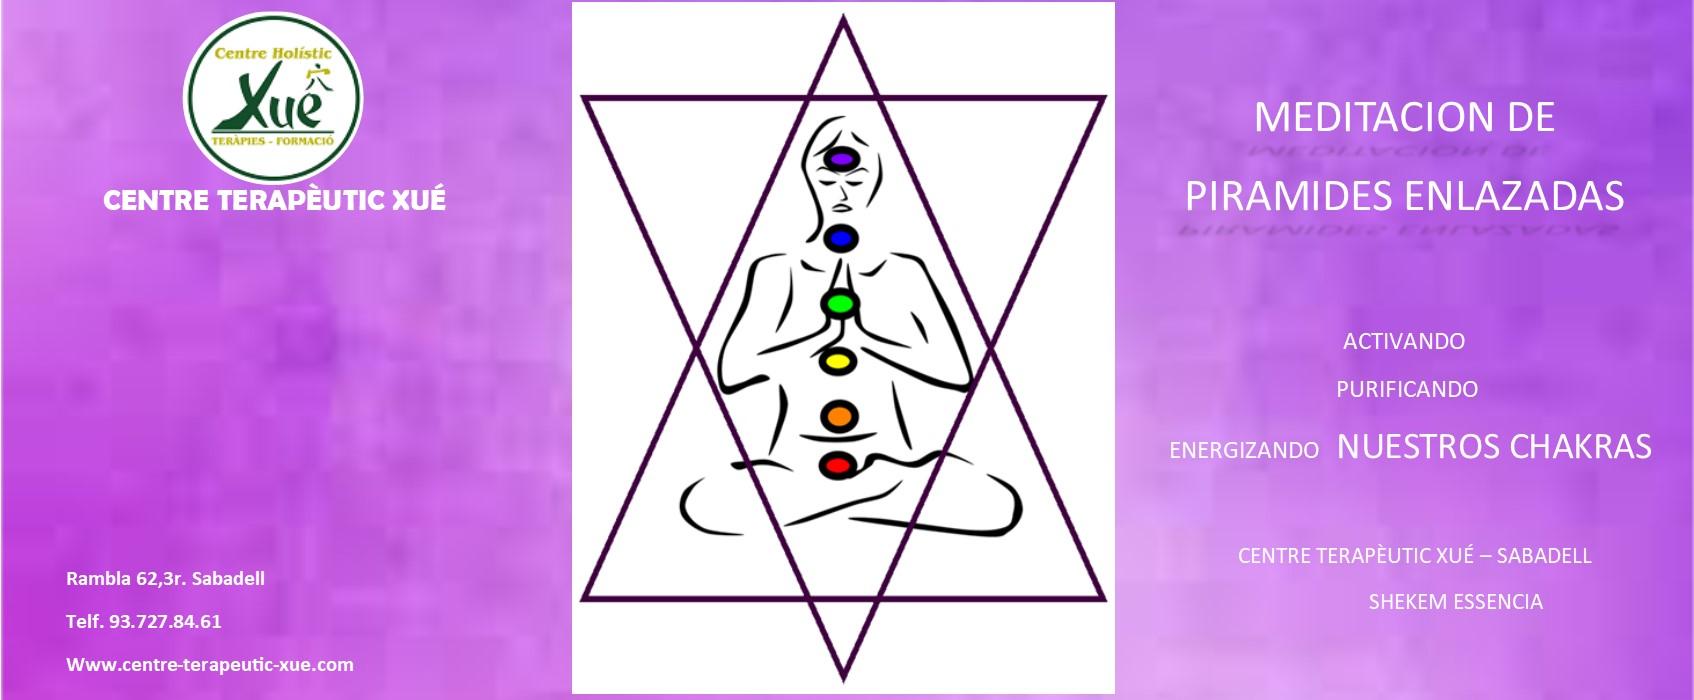 meditación piramides